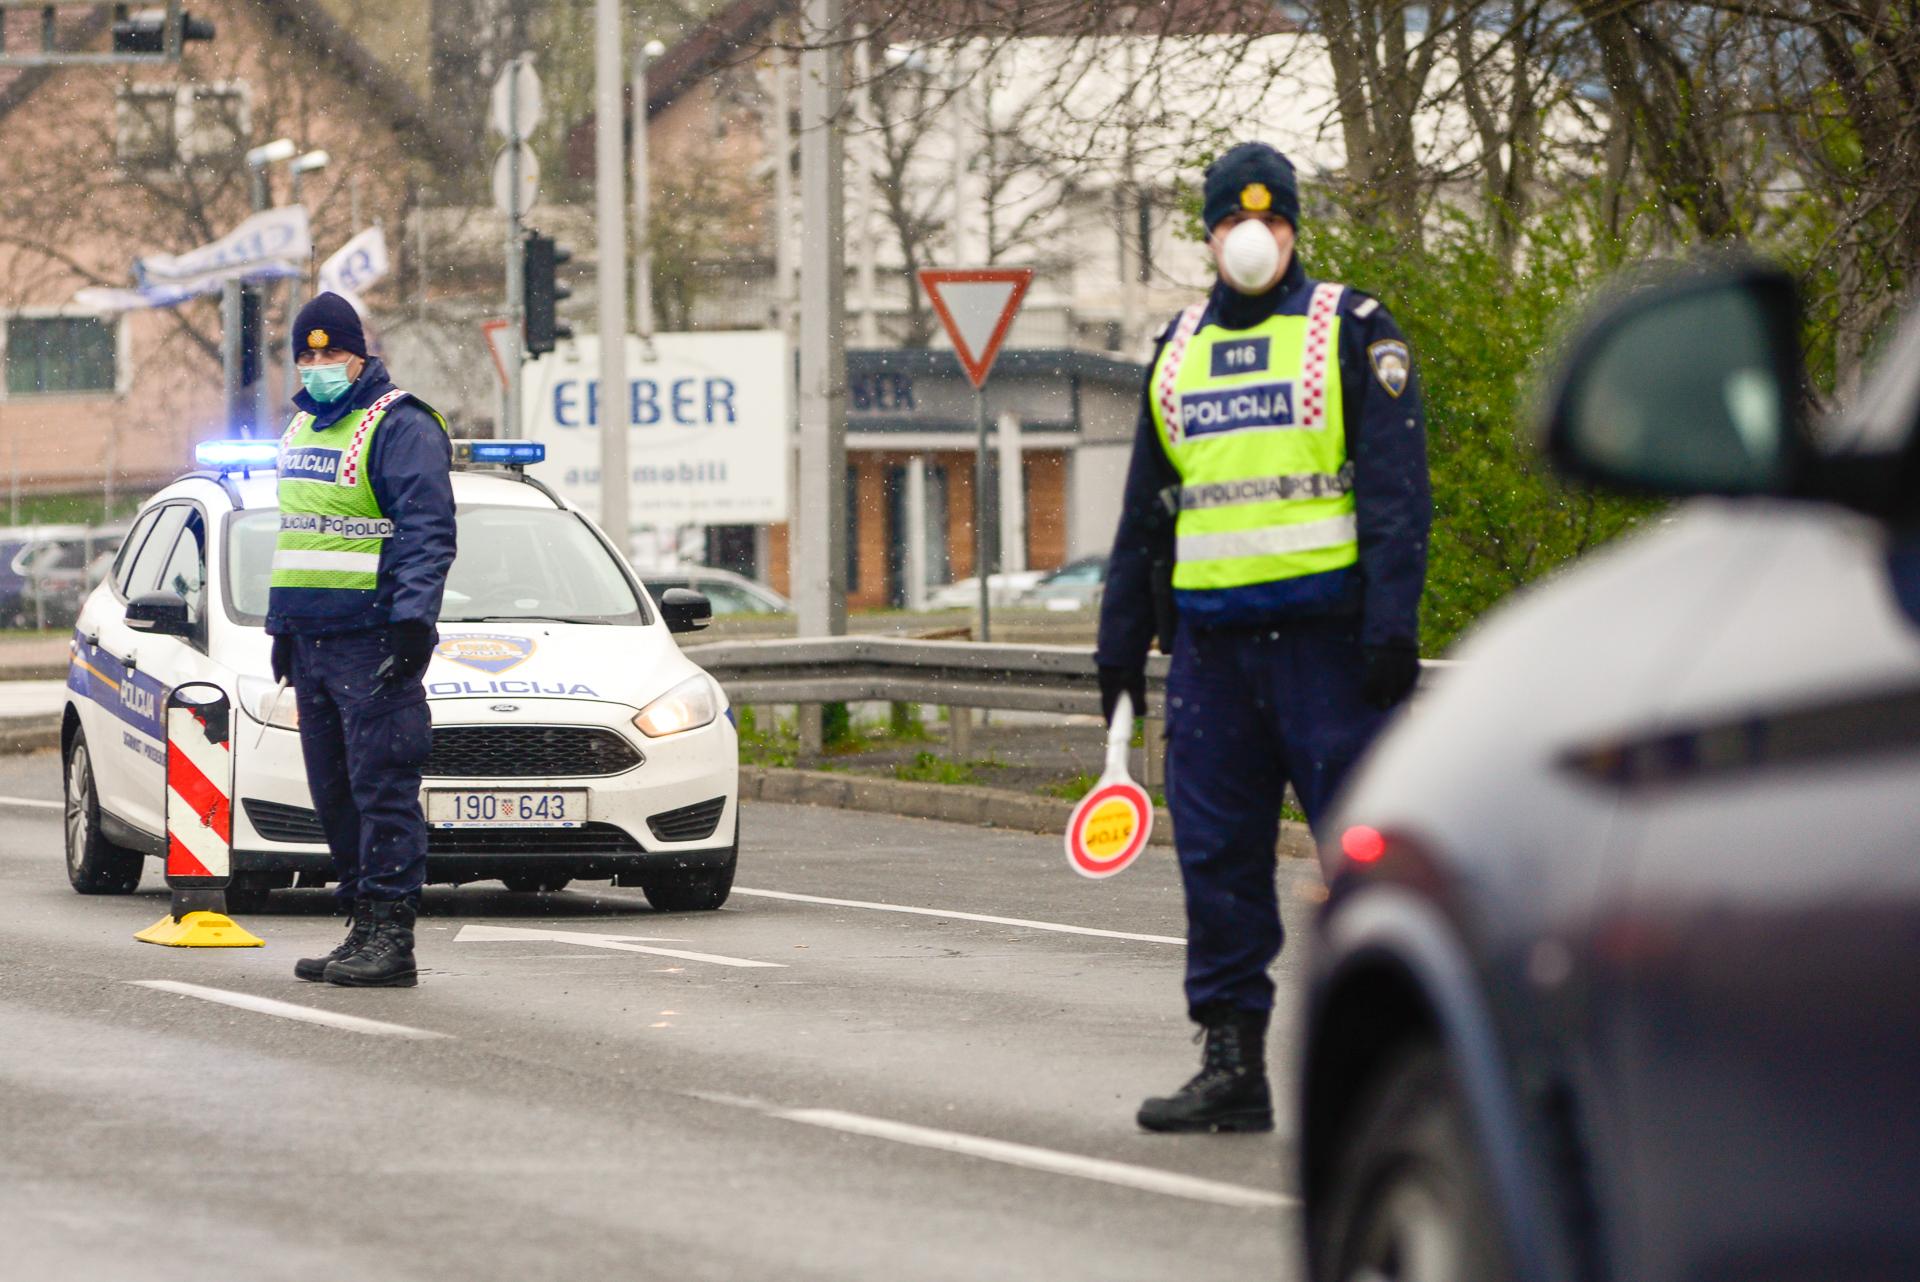 Policija u kontroli prometa